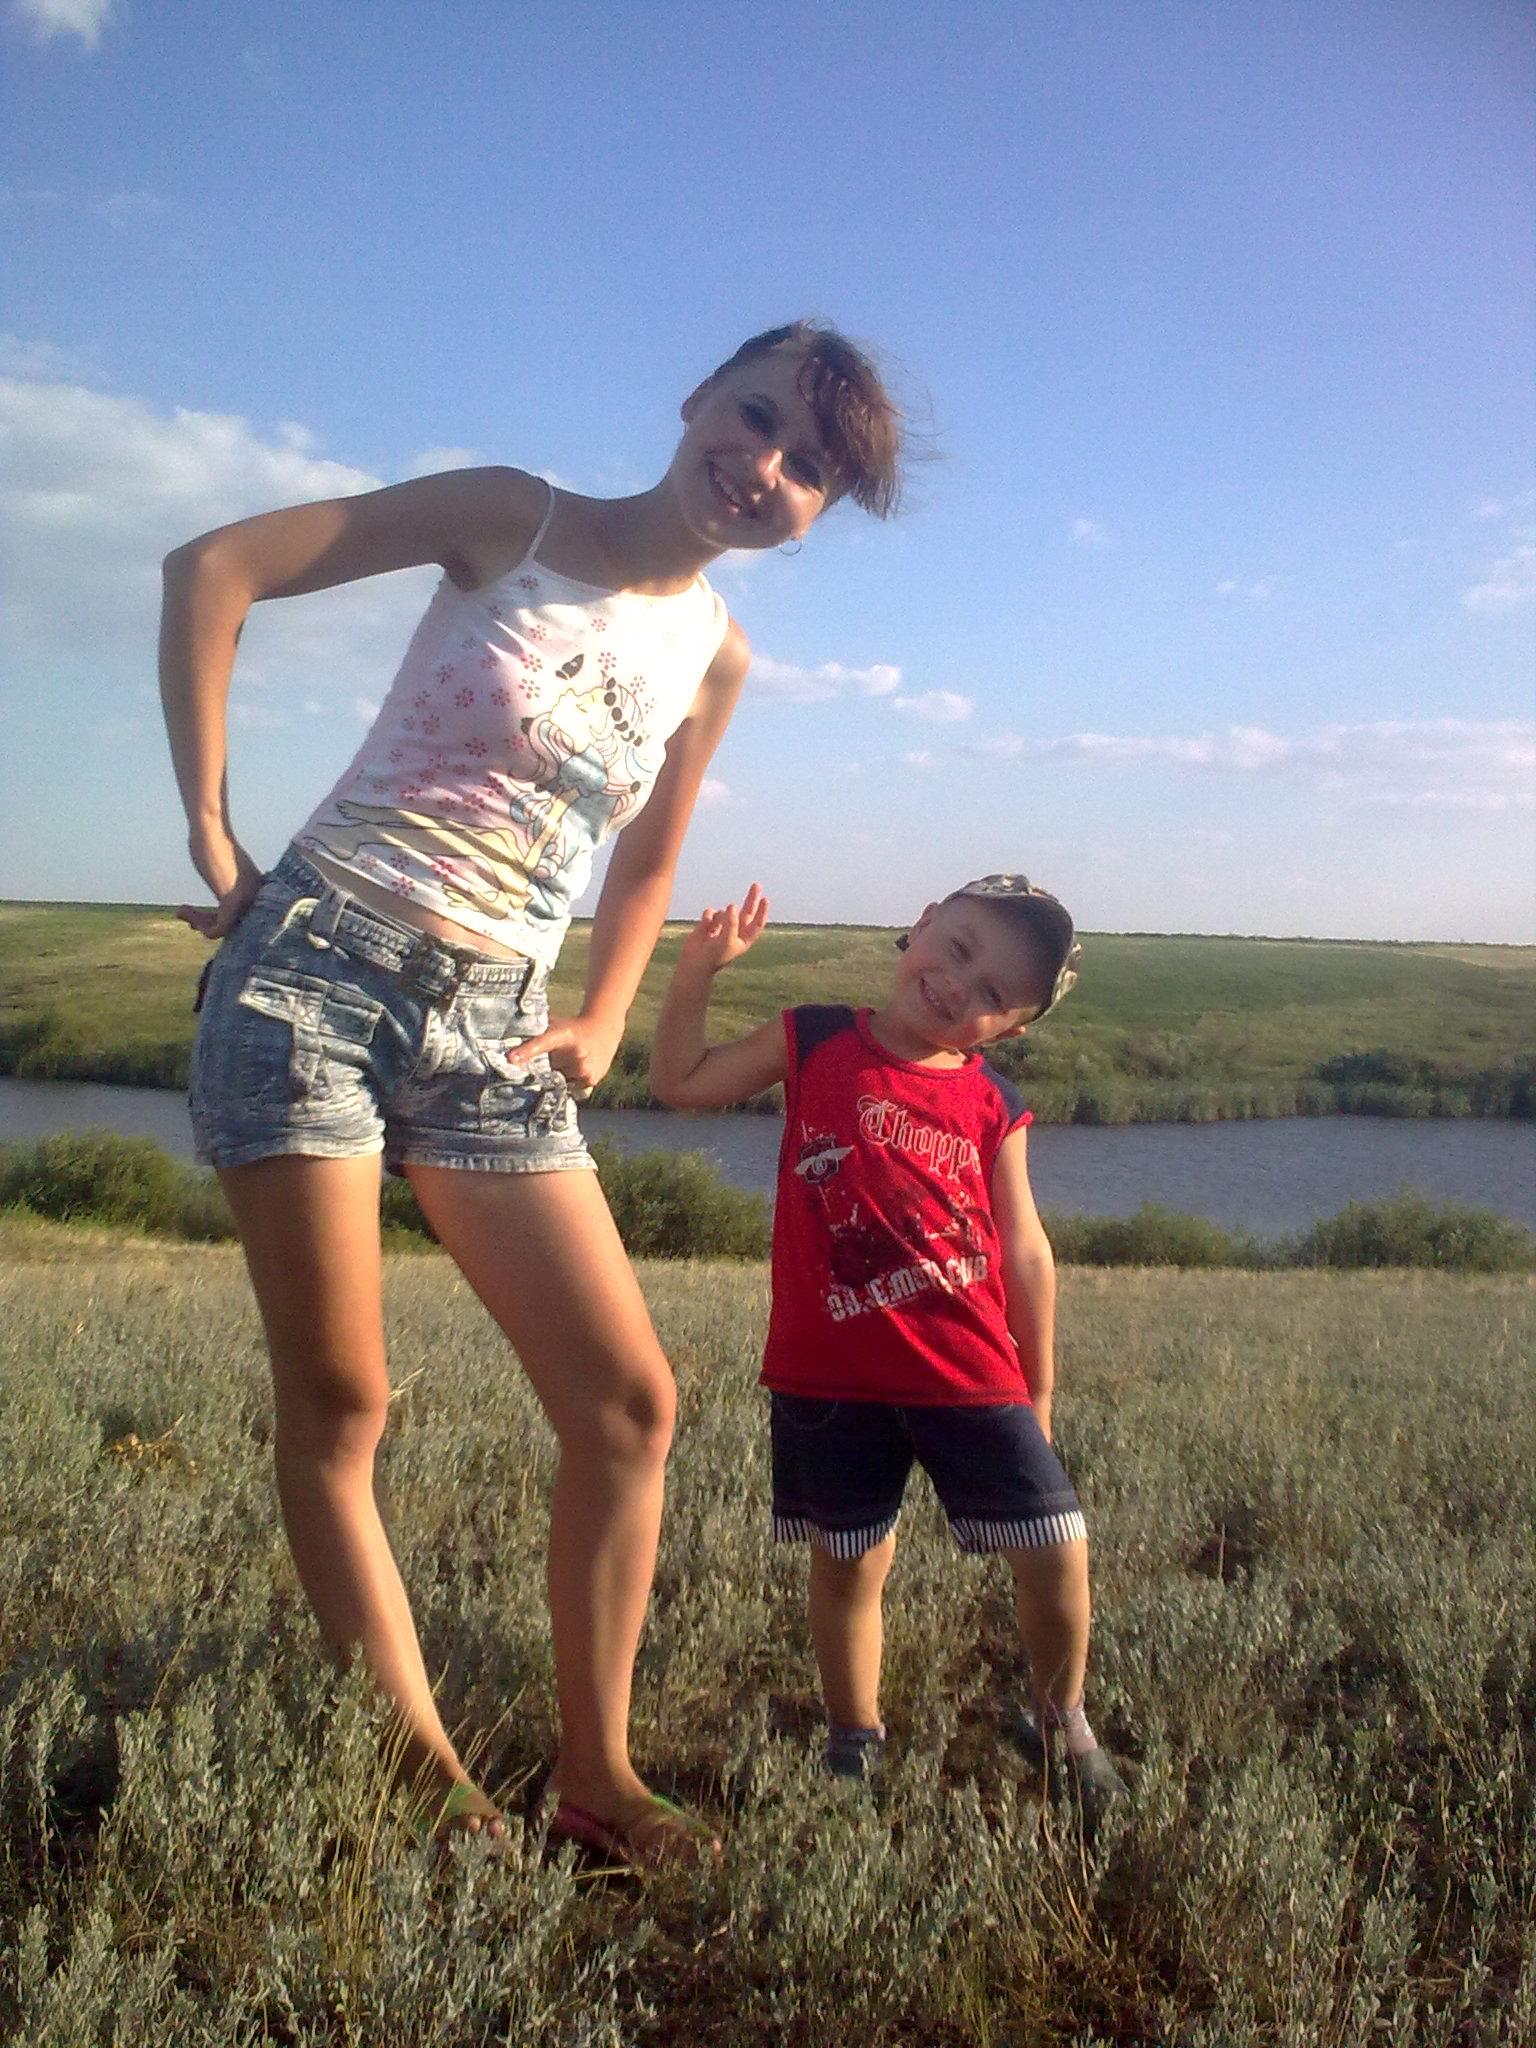 С любимым сыном на природе!. Вместе весело гулять!